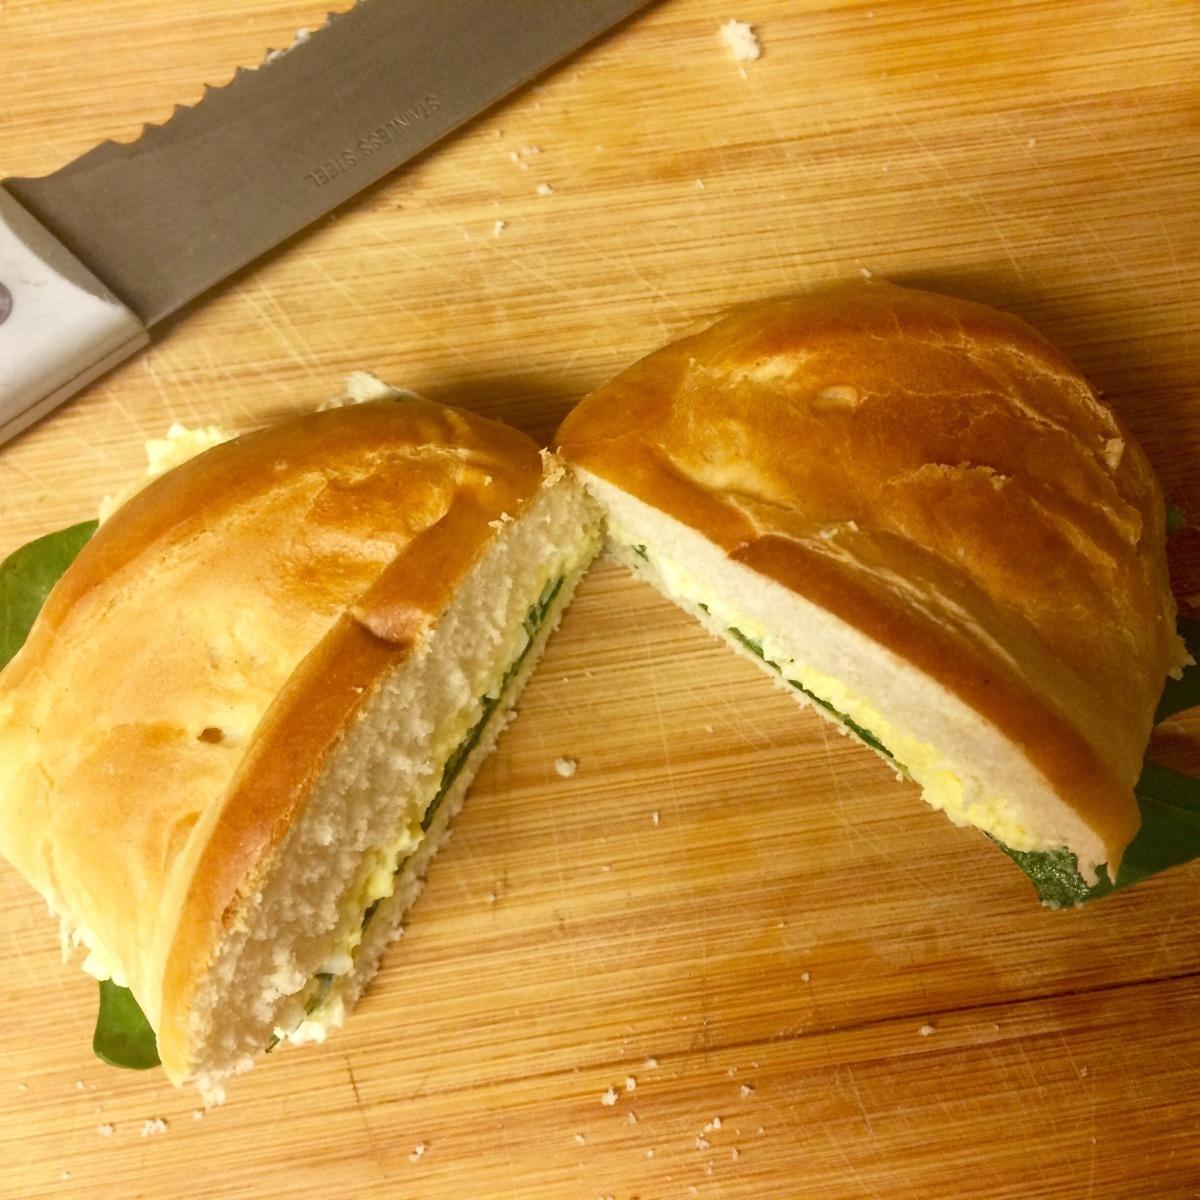 Sandwich: ensalada de huevo y espinaca